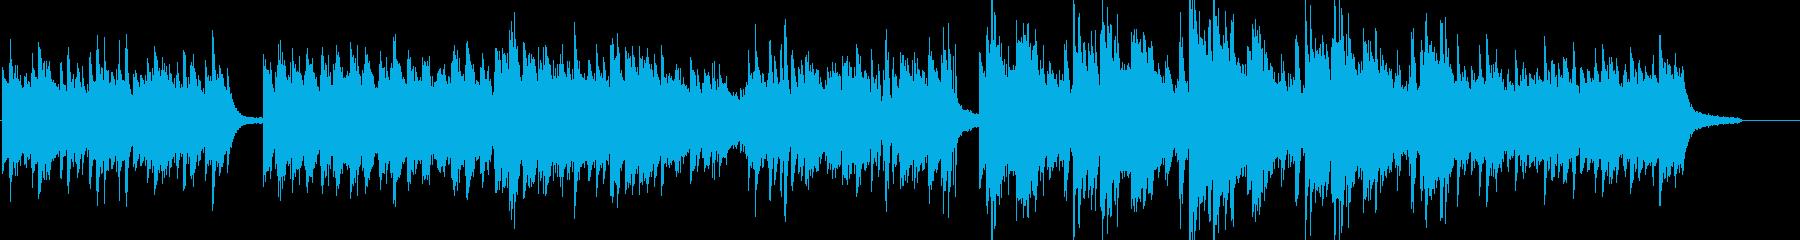 【ピアノソロ】幻想的で夜のイメージした曲の再生済みの波形